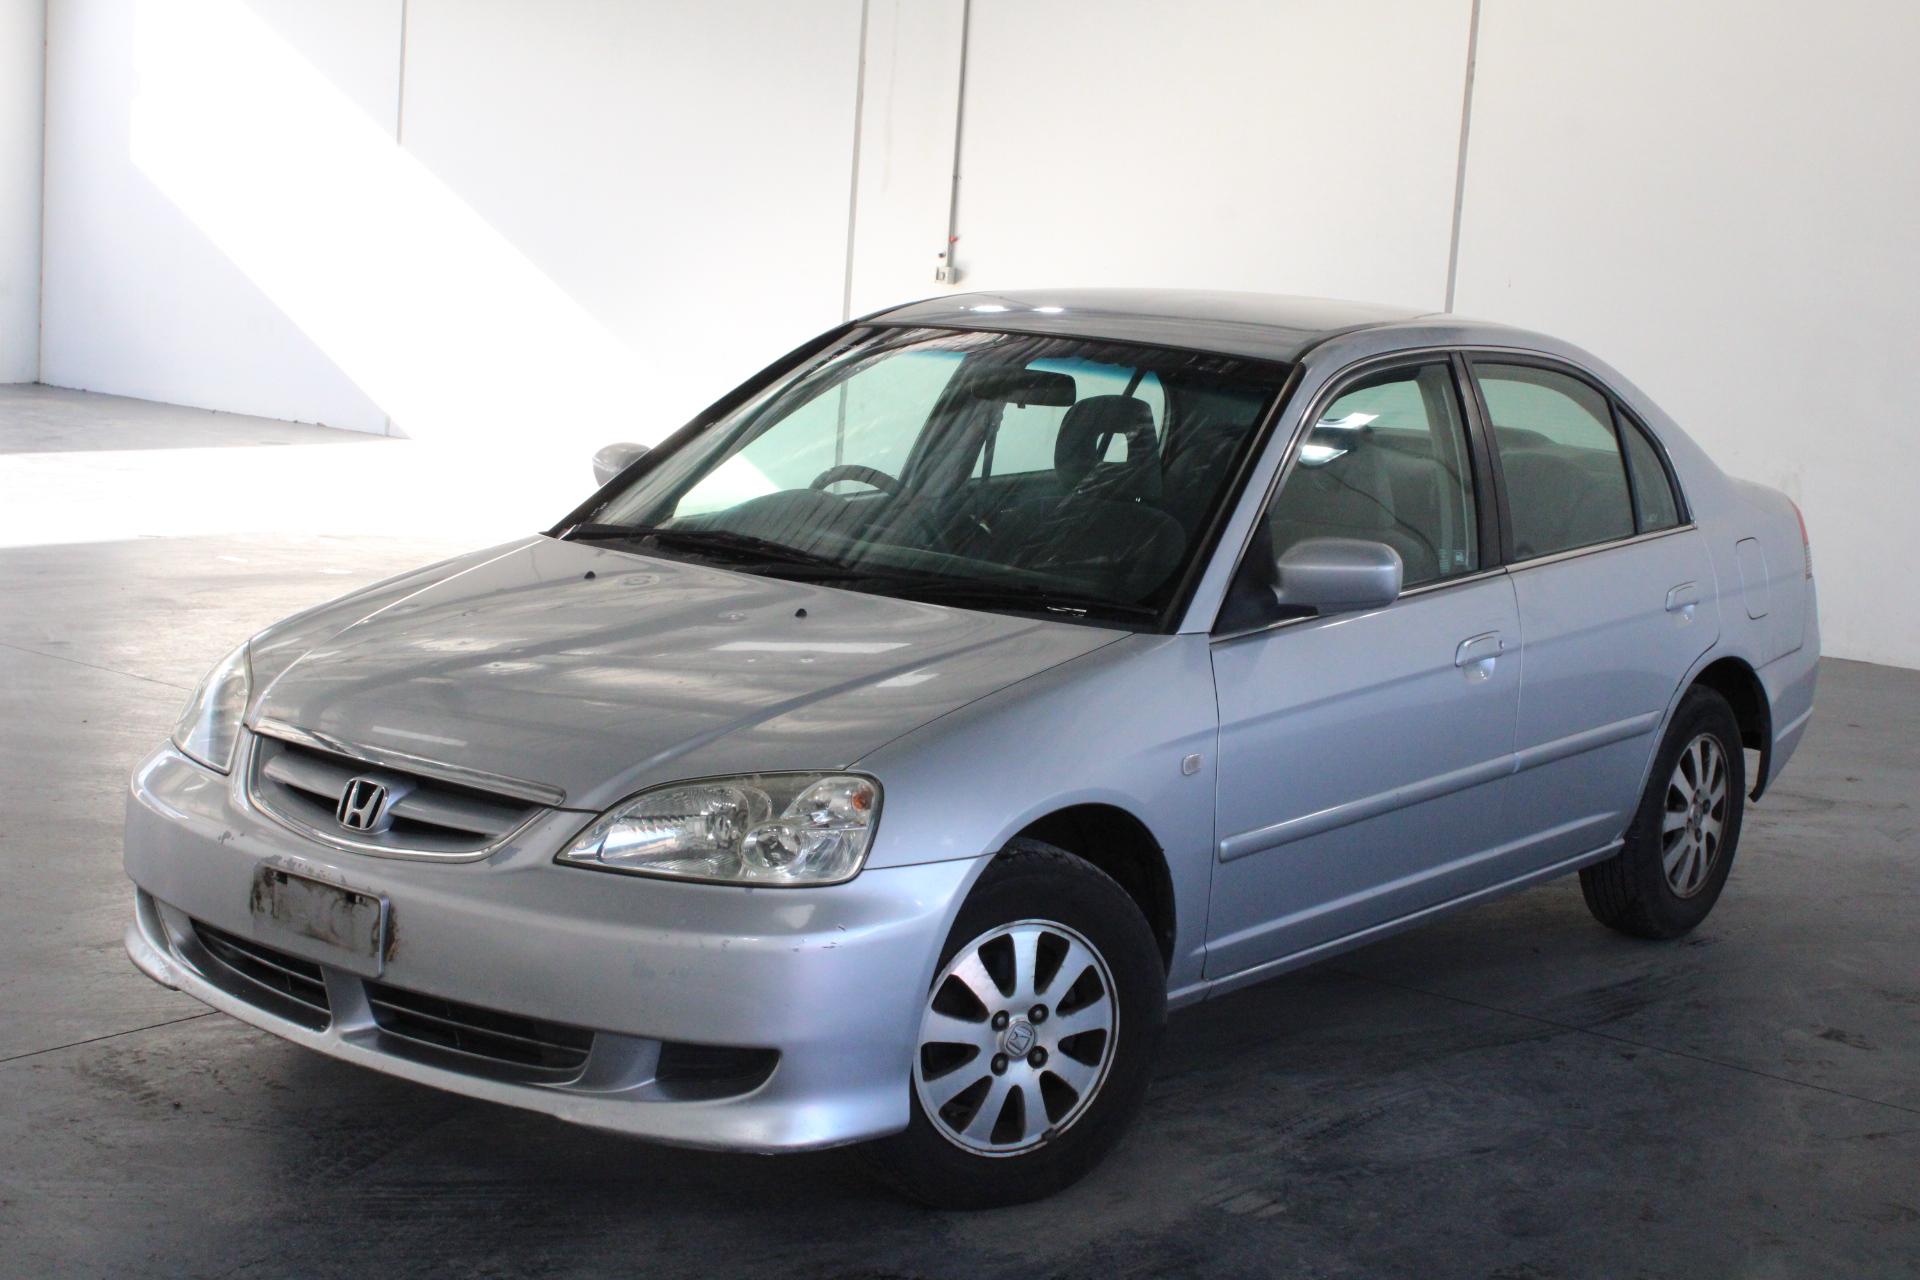 2003 Honda Civic GLi 7th Gen Automatic Sedan